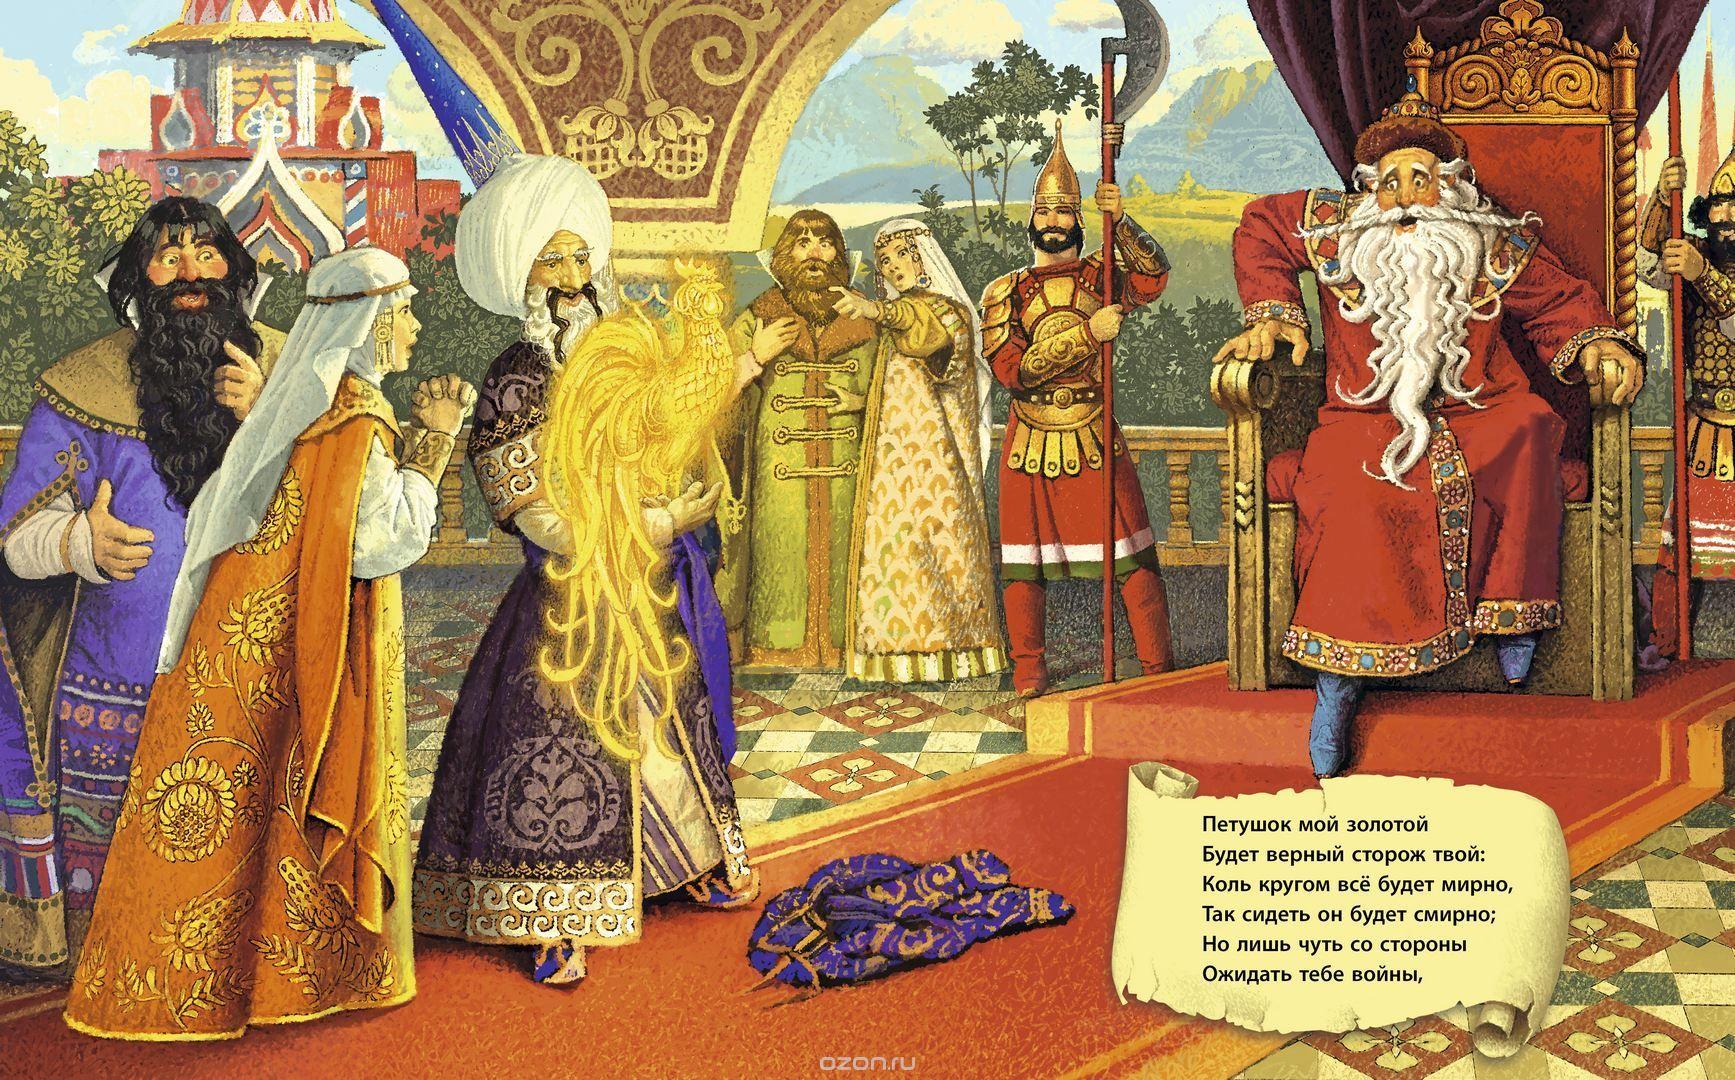 Картинки сказки пушкина о золотом петушке